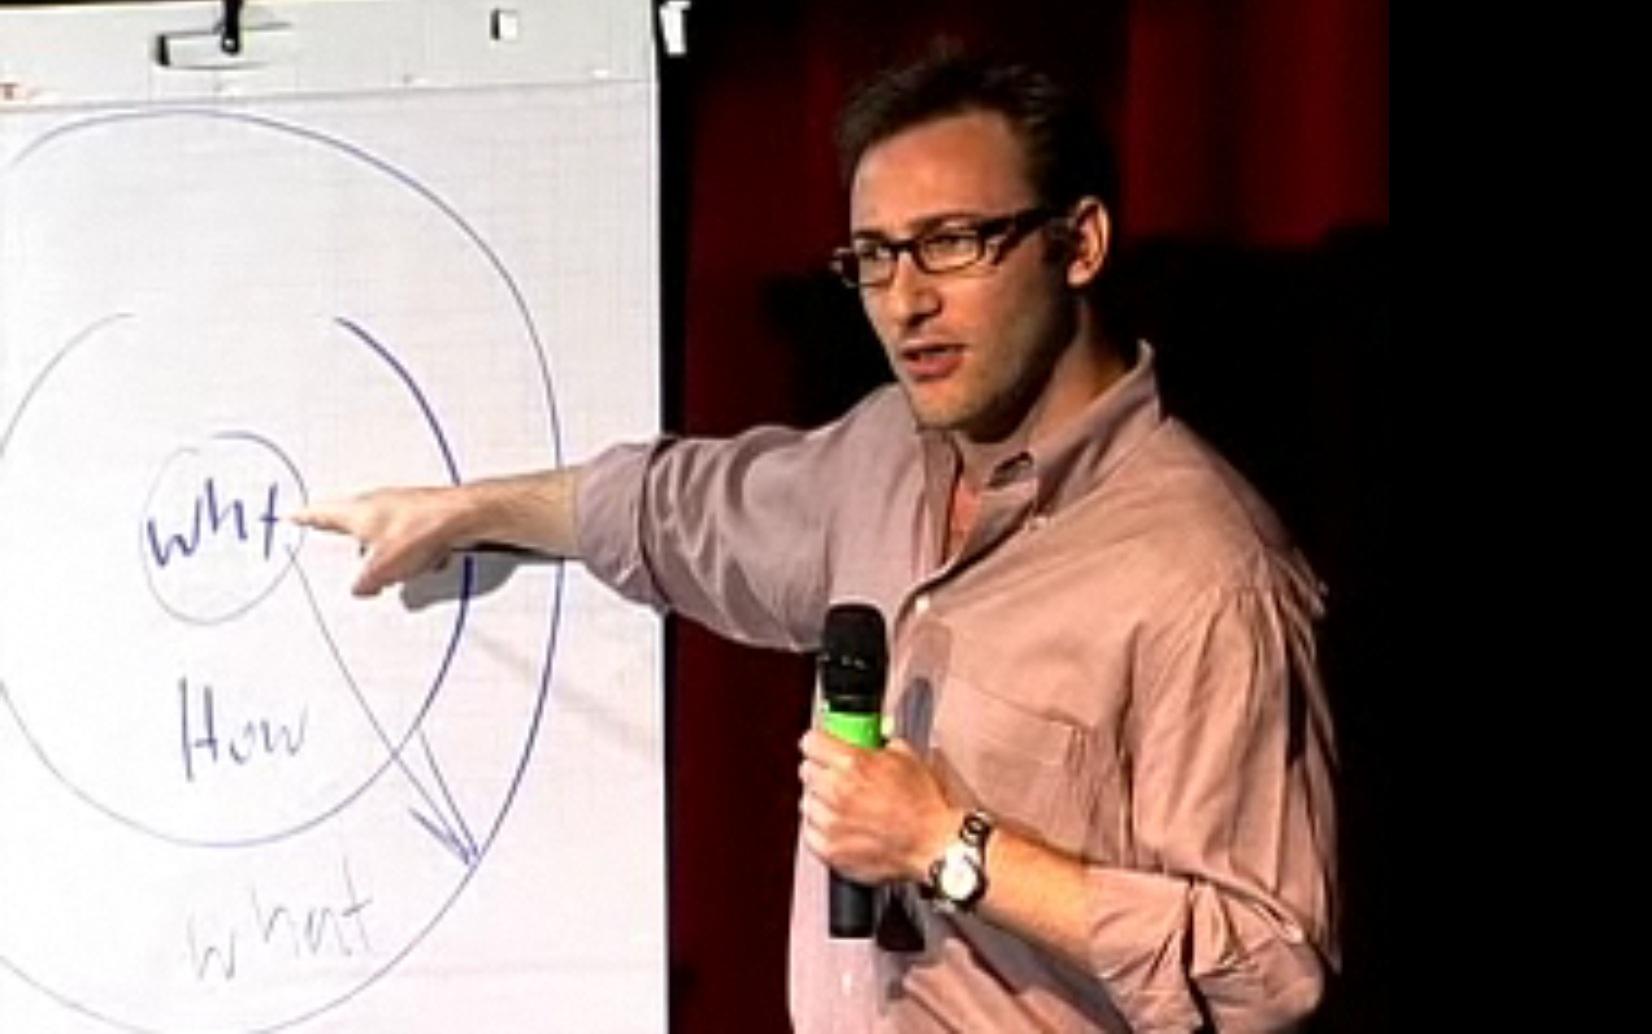 Una de Liderazgo del bueno-Simon Sinek: Cómo los grandes líderes inspiran la acción